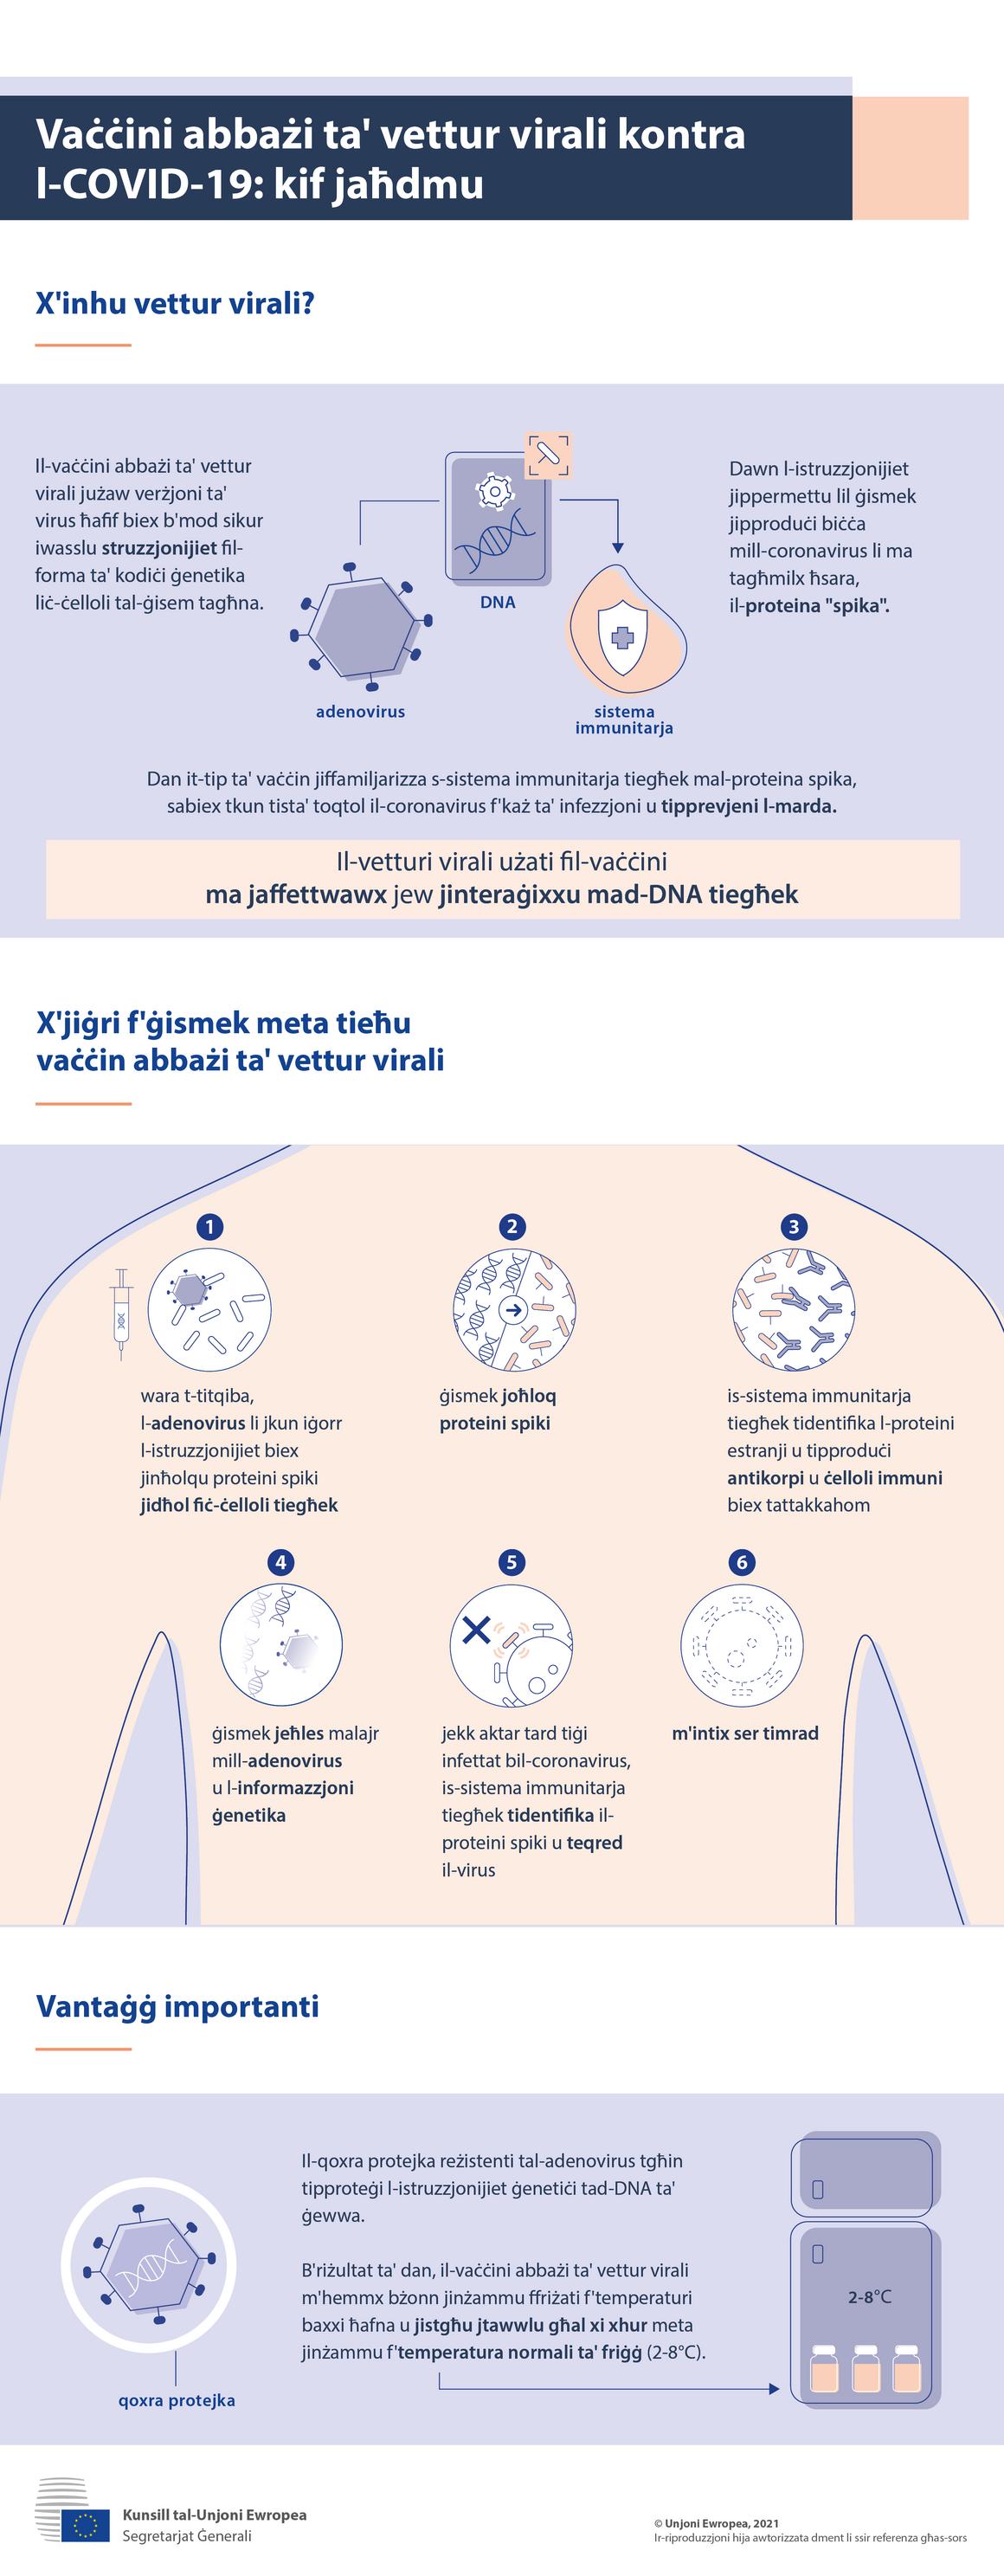 Infografika - Vaċċini abbażi ta' vettur virali kontra l-COVID-19: kif jaħdmu